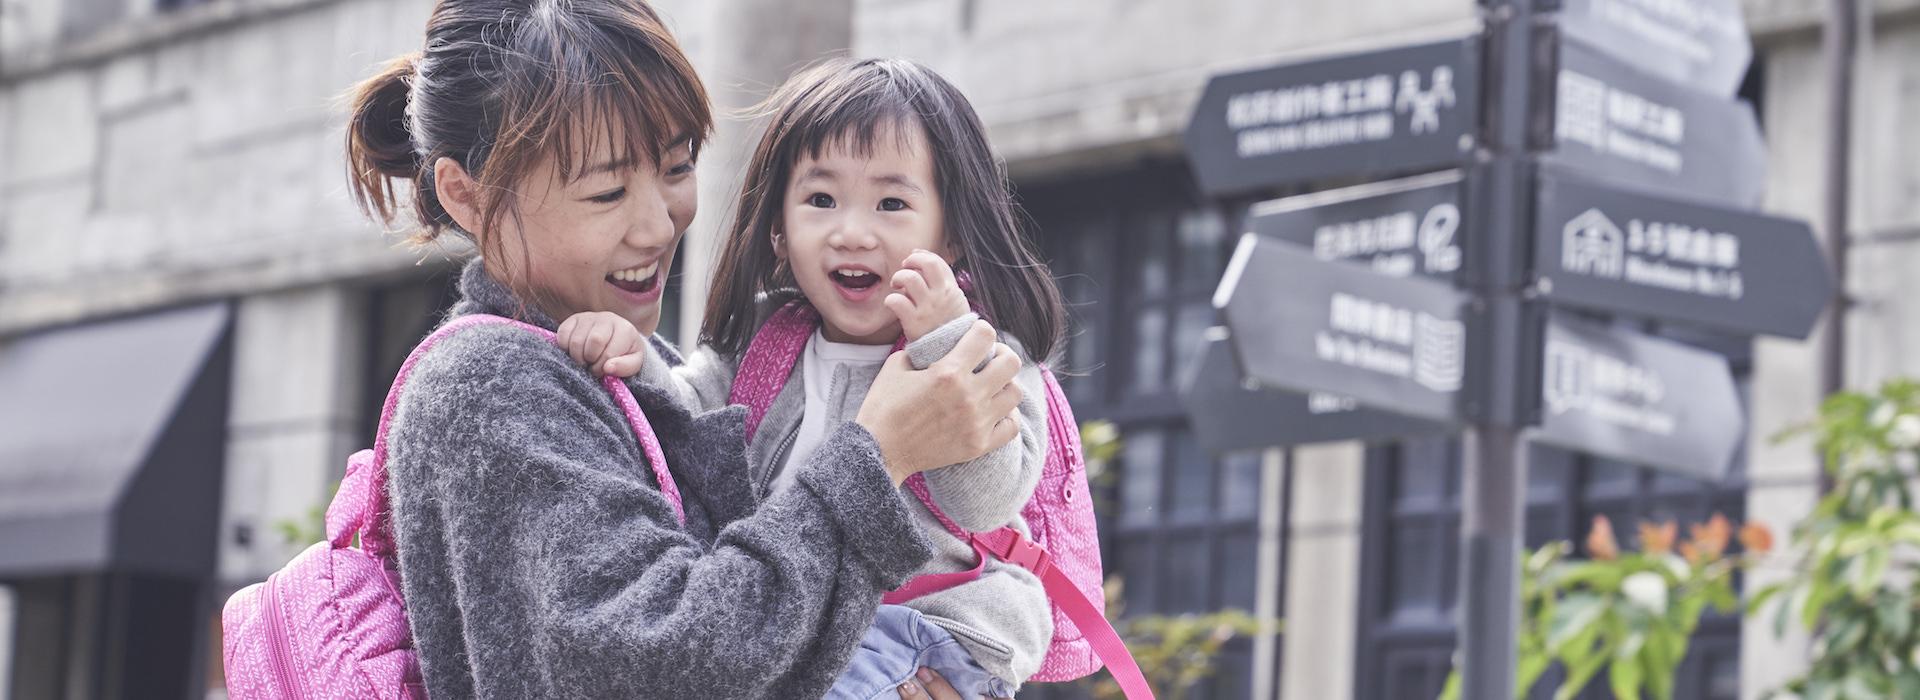 邊帶幼兒邊創業 二寶媽打造營收一億國際品牌